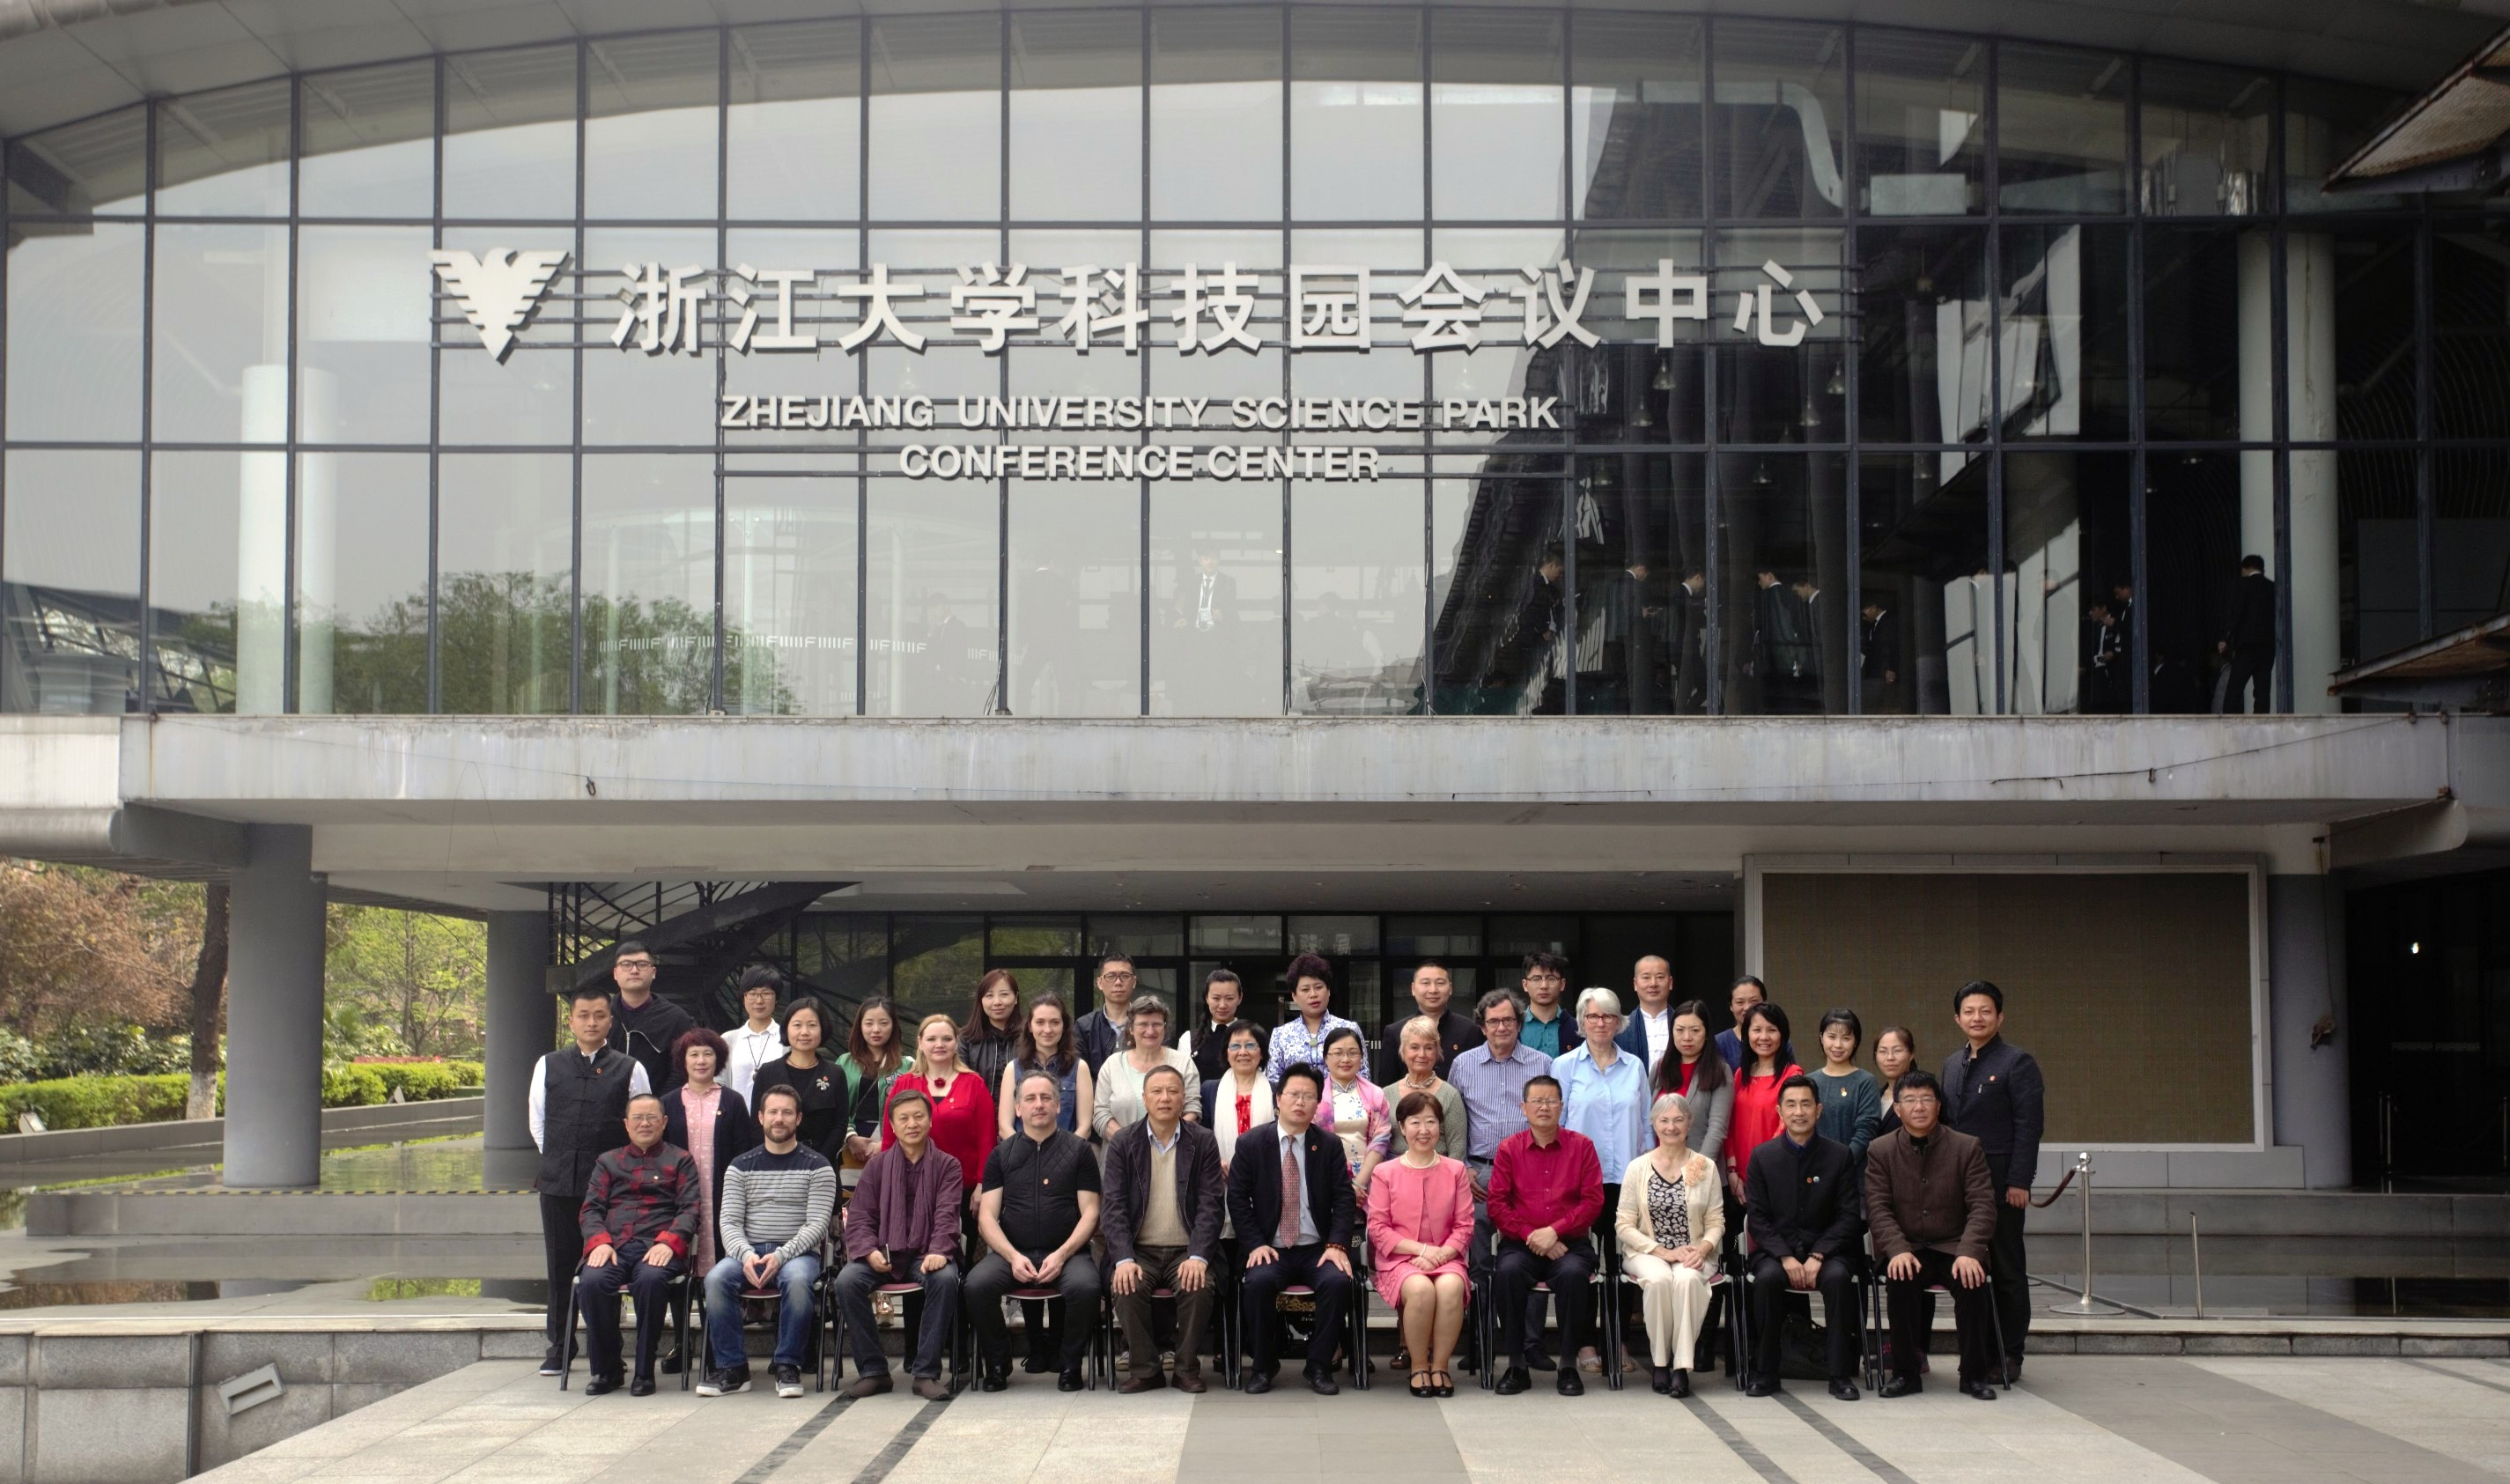 Les stagiaires posent devant l'université d'accueil Zhe Jiang